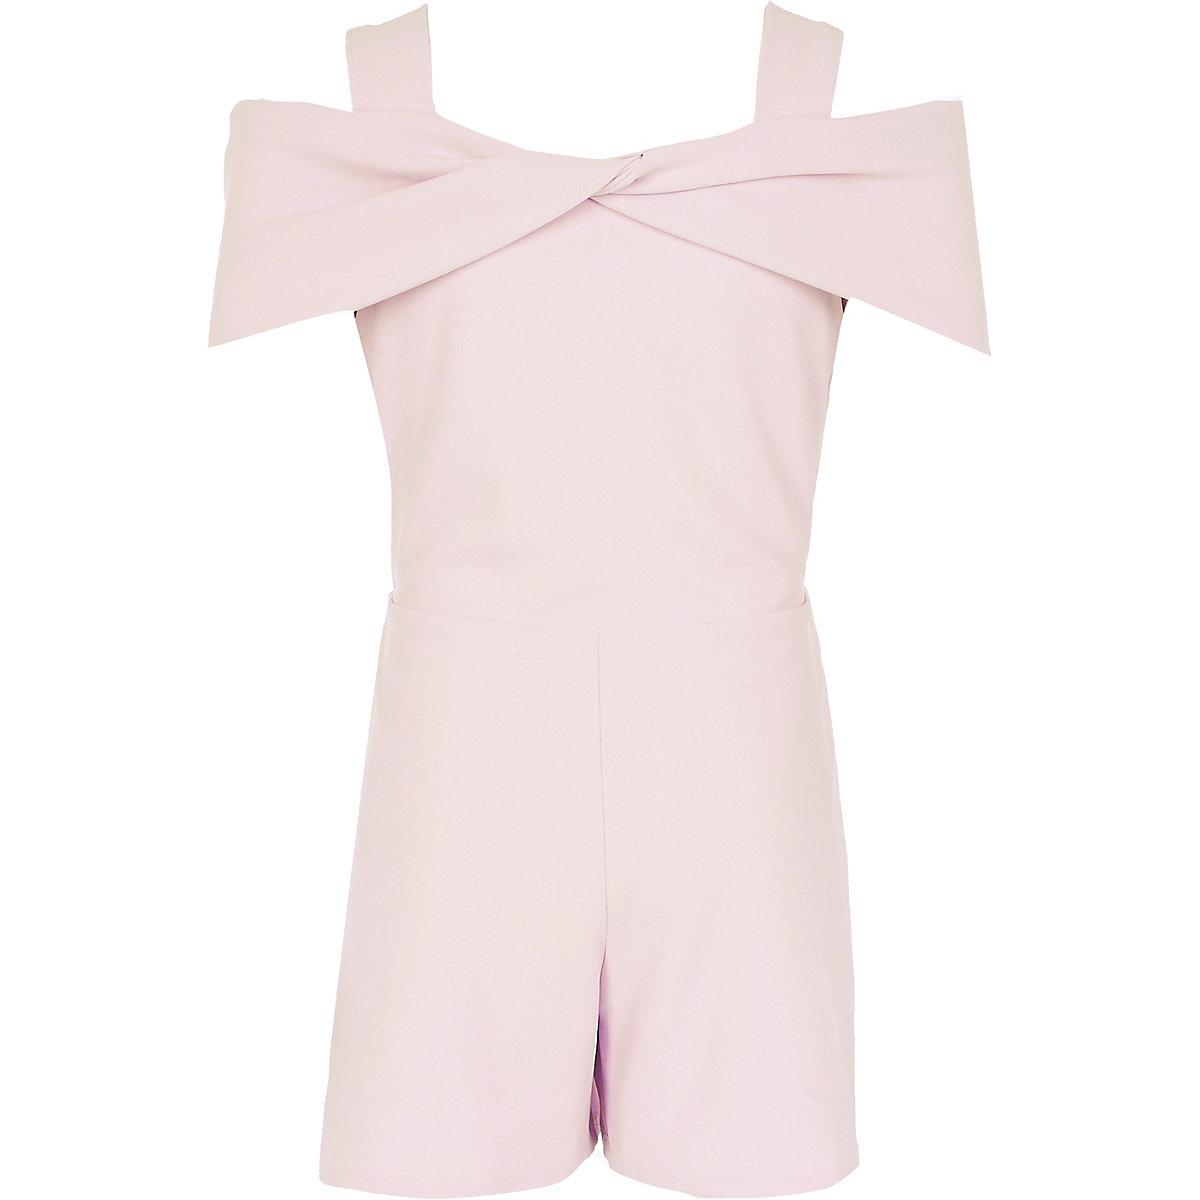 Girls light pink bow cold shoulder romper